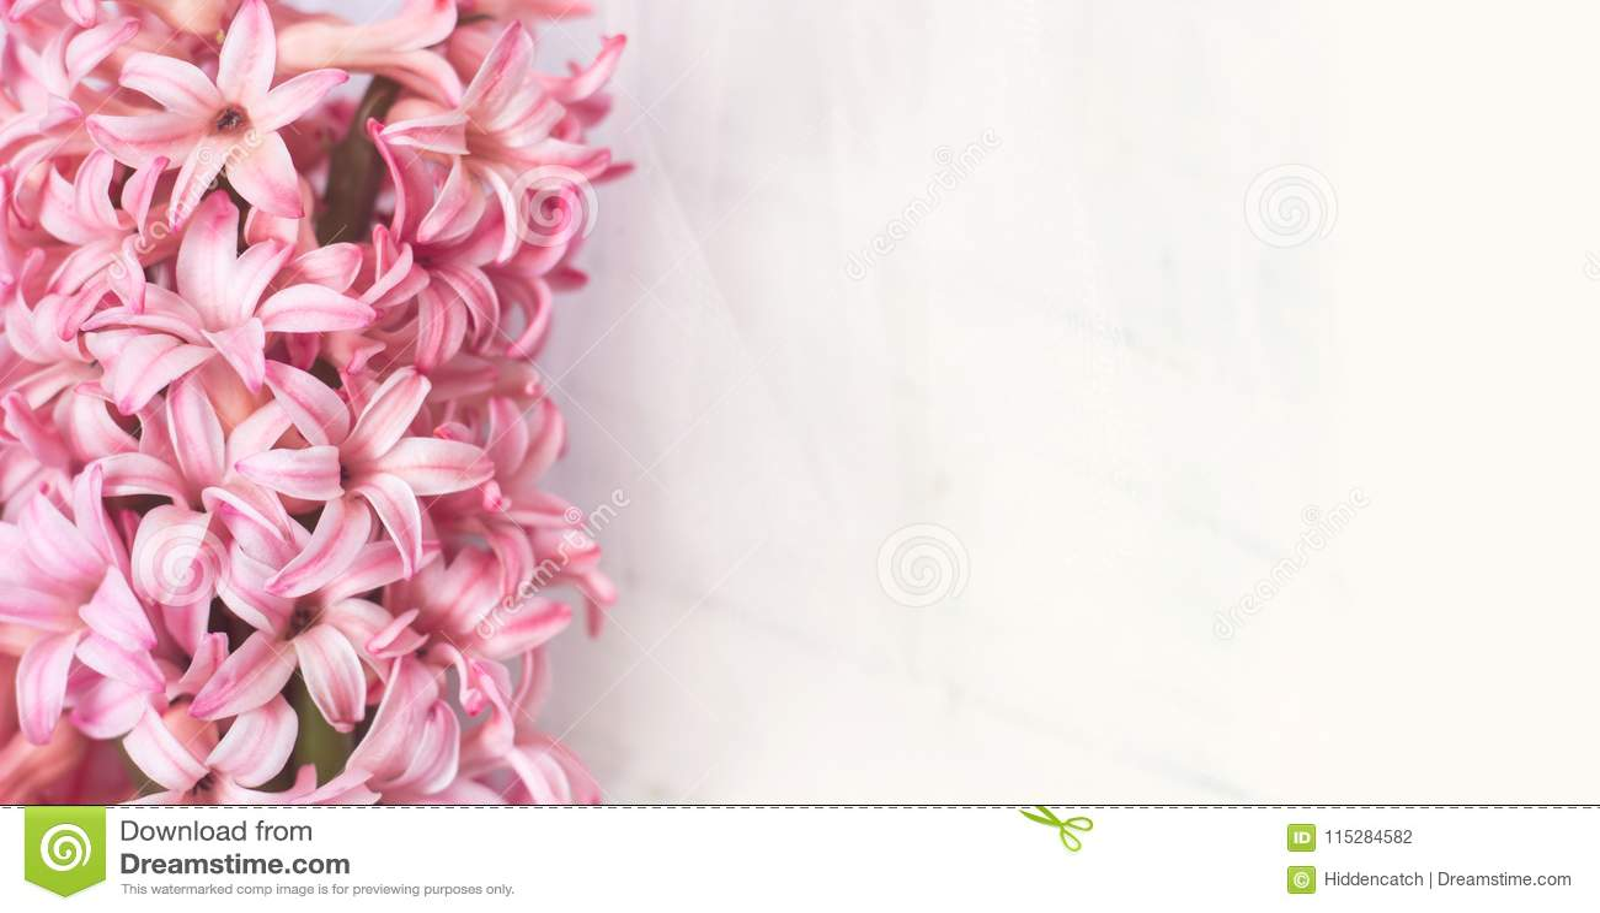 Den rosa hyacinten blommar på vit bakgrund, med kopieringsutrymme för y